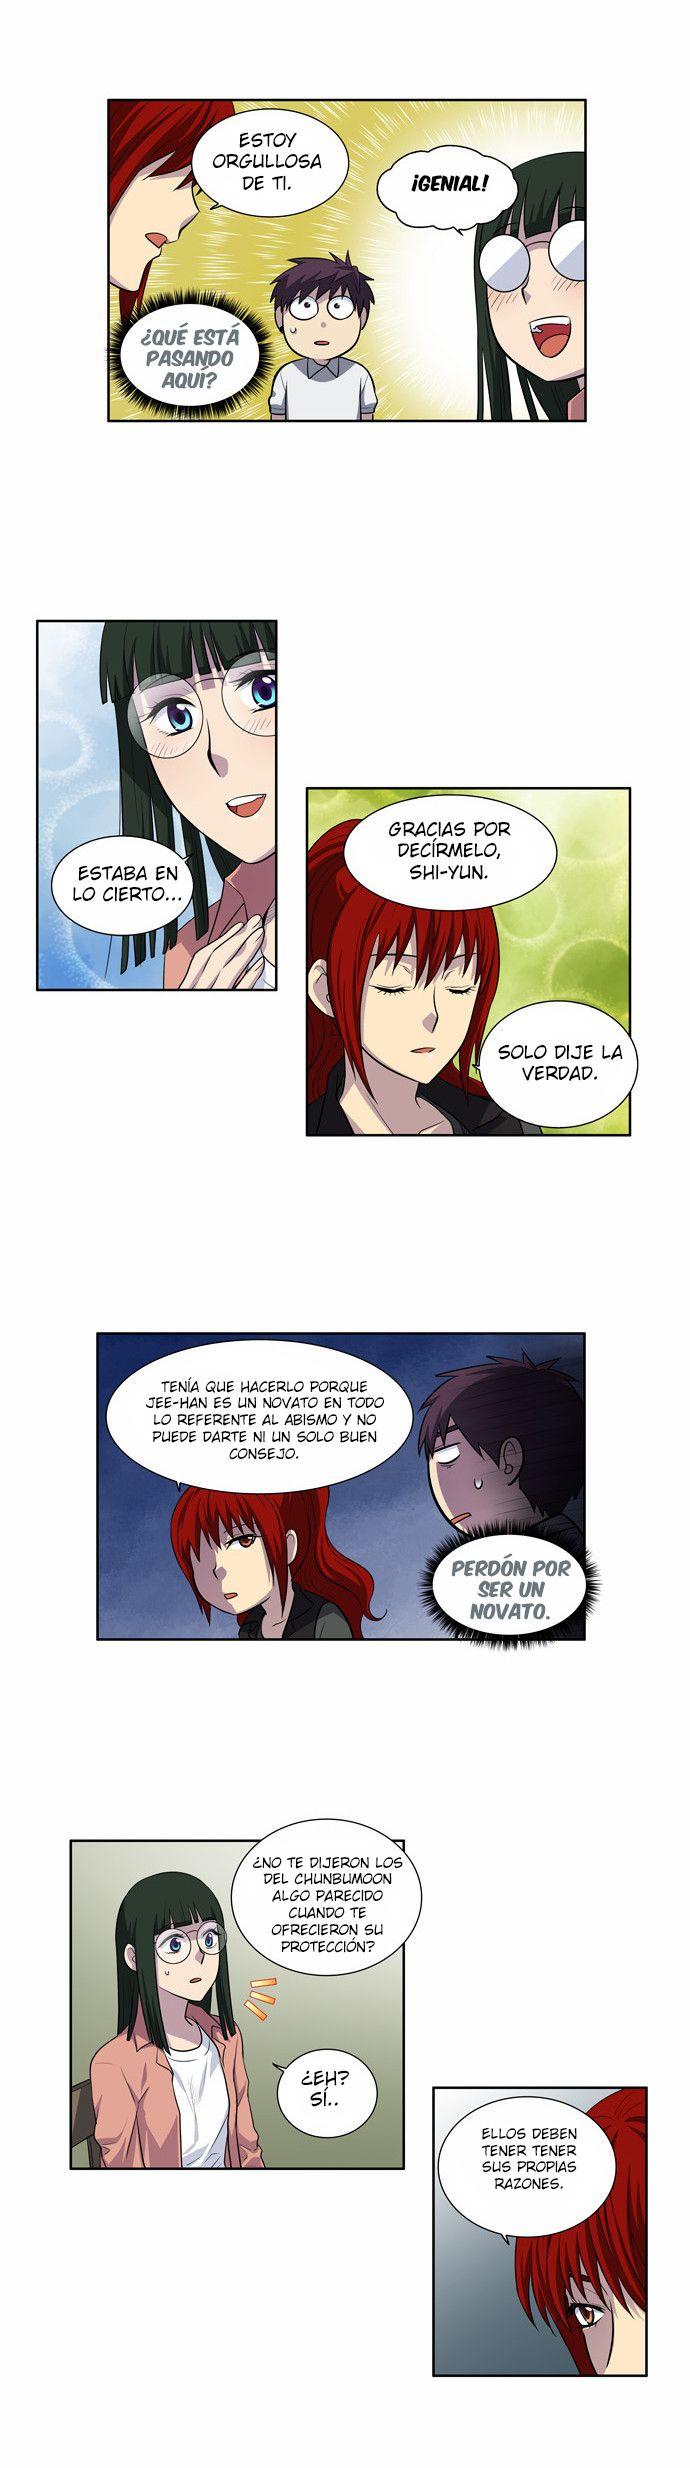 https://c5.ninemanga.com/es_manga/61/1725/476787/540ae6b0f6ac6e155062f3dd4f0b2b01.jpg Page 7